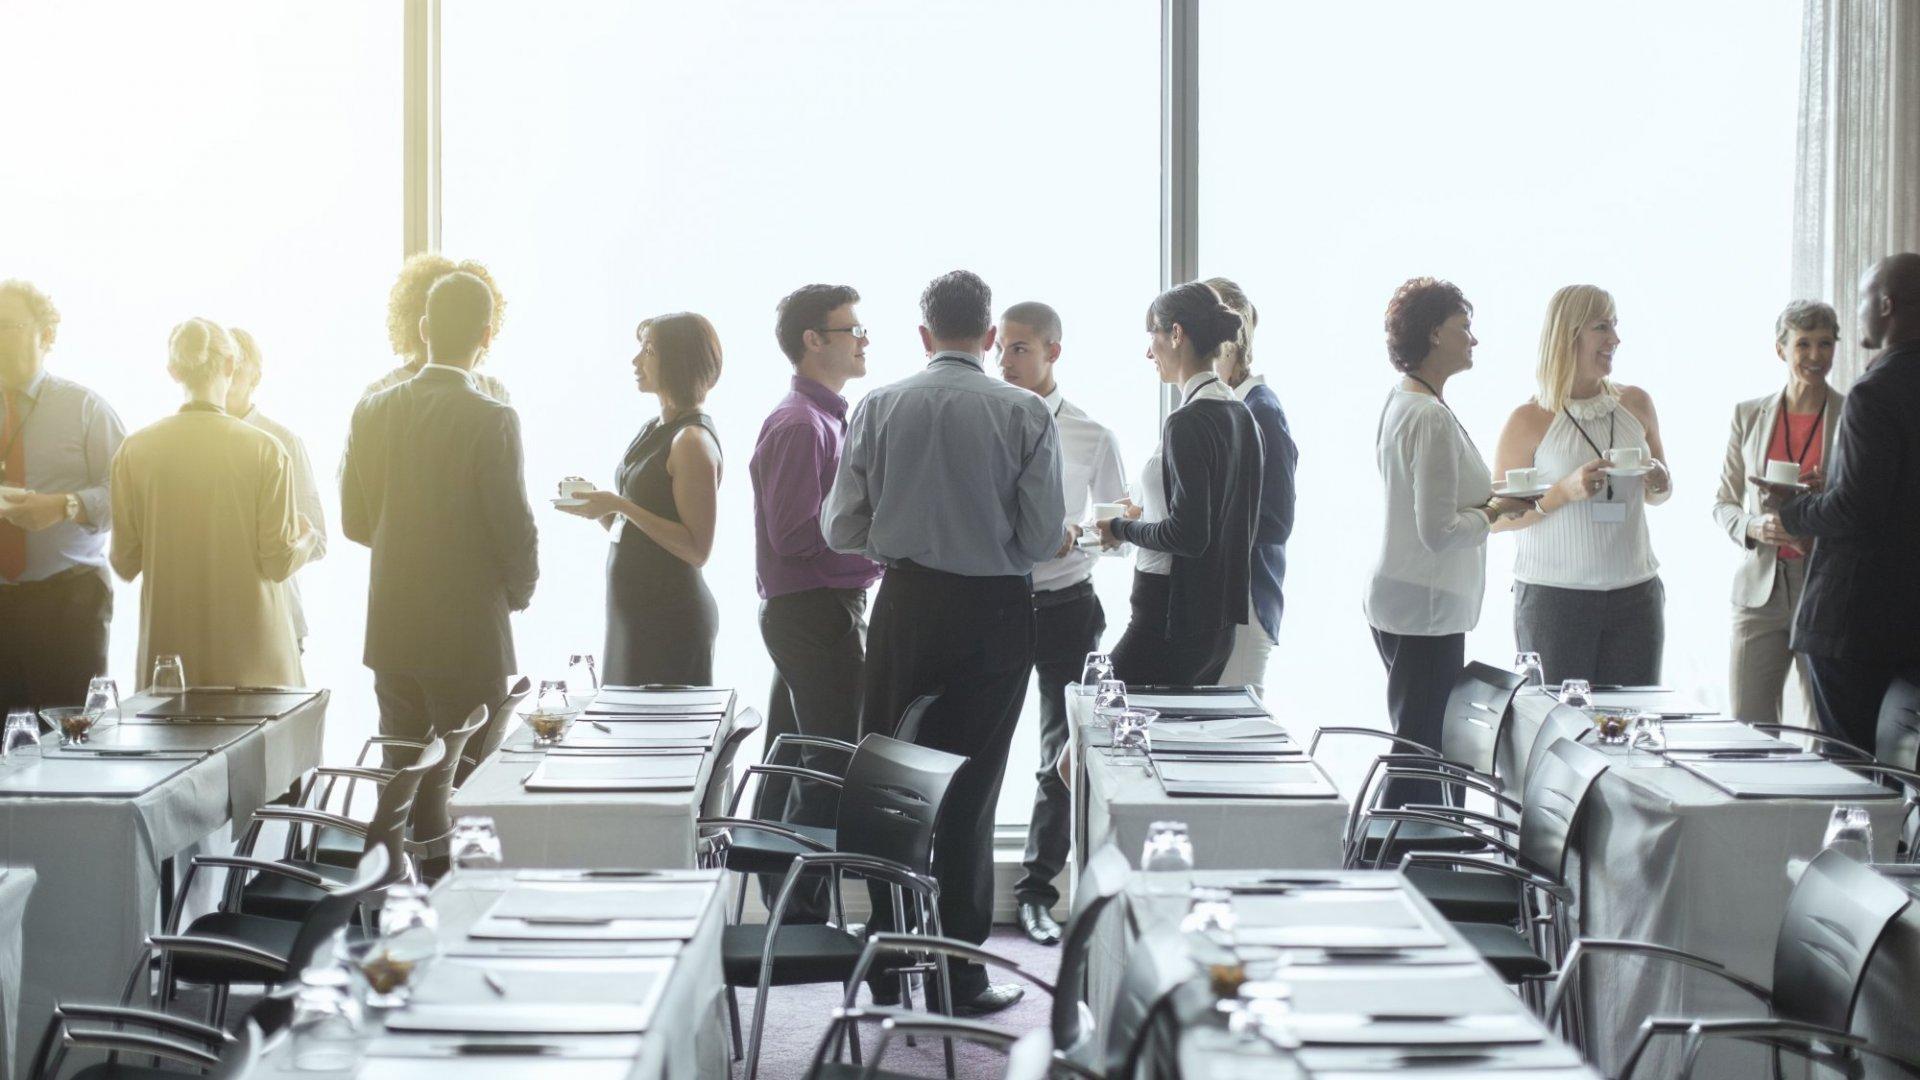 6 Great Reasons to Stop Having Meetings